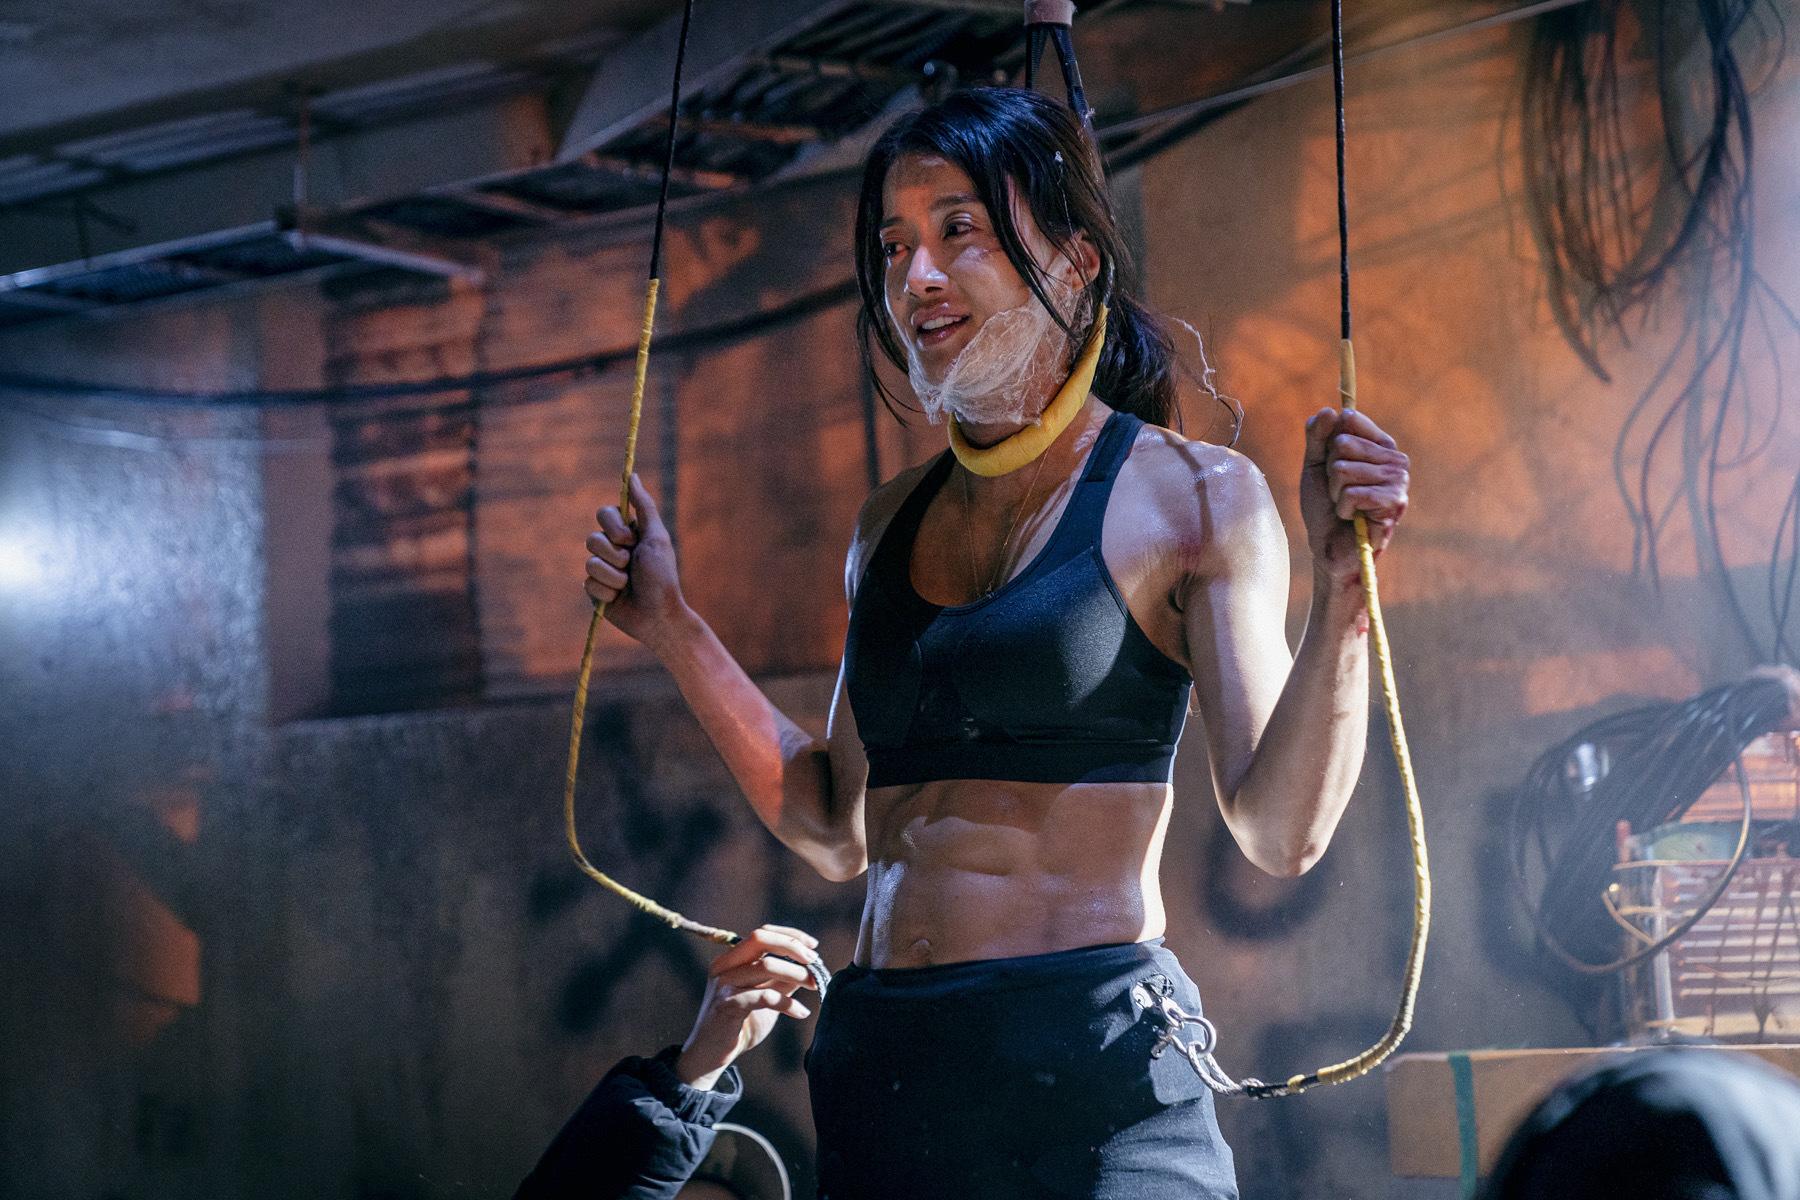 背肌还可以长这样?韩剧《甜蜜家园》演员身材引热议,38岁的她还曾是拳击冠军插图7